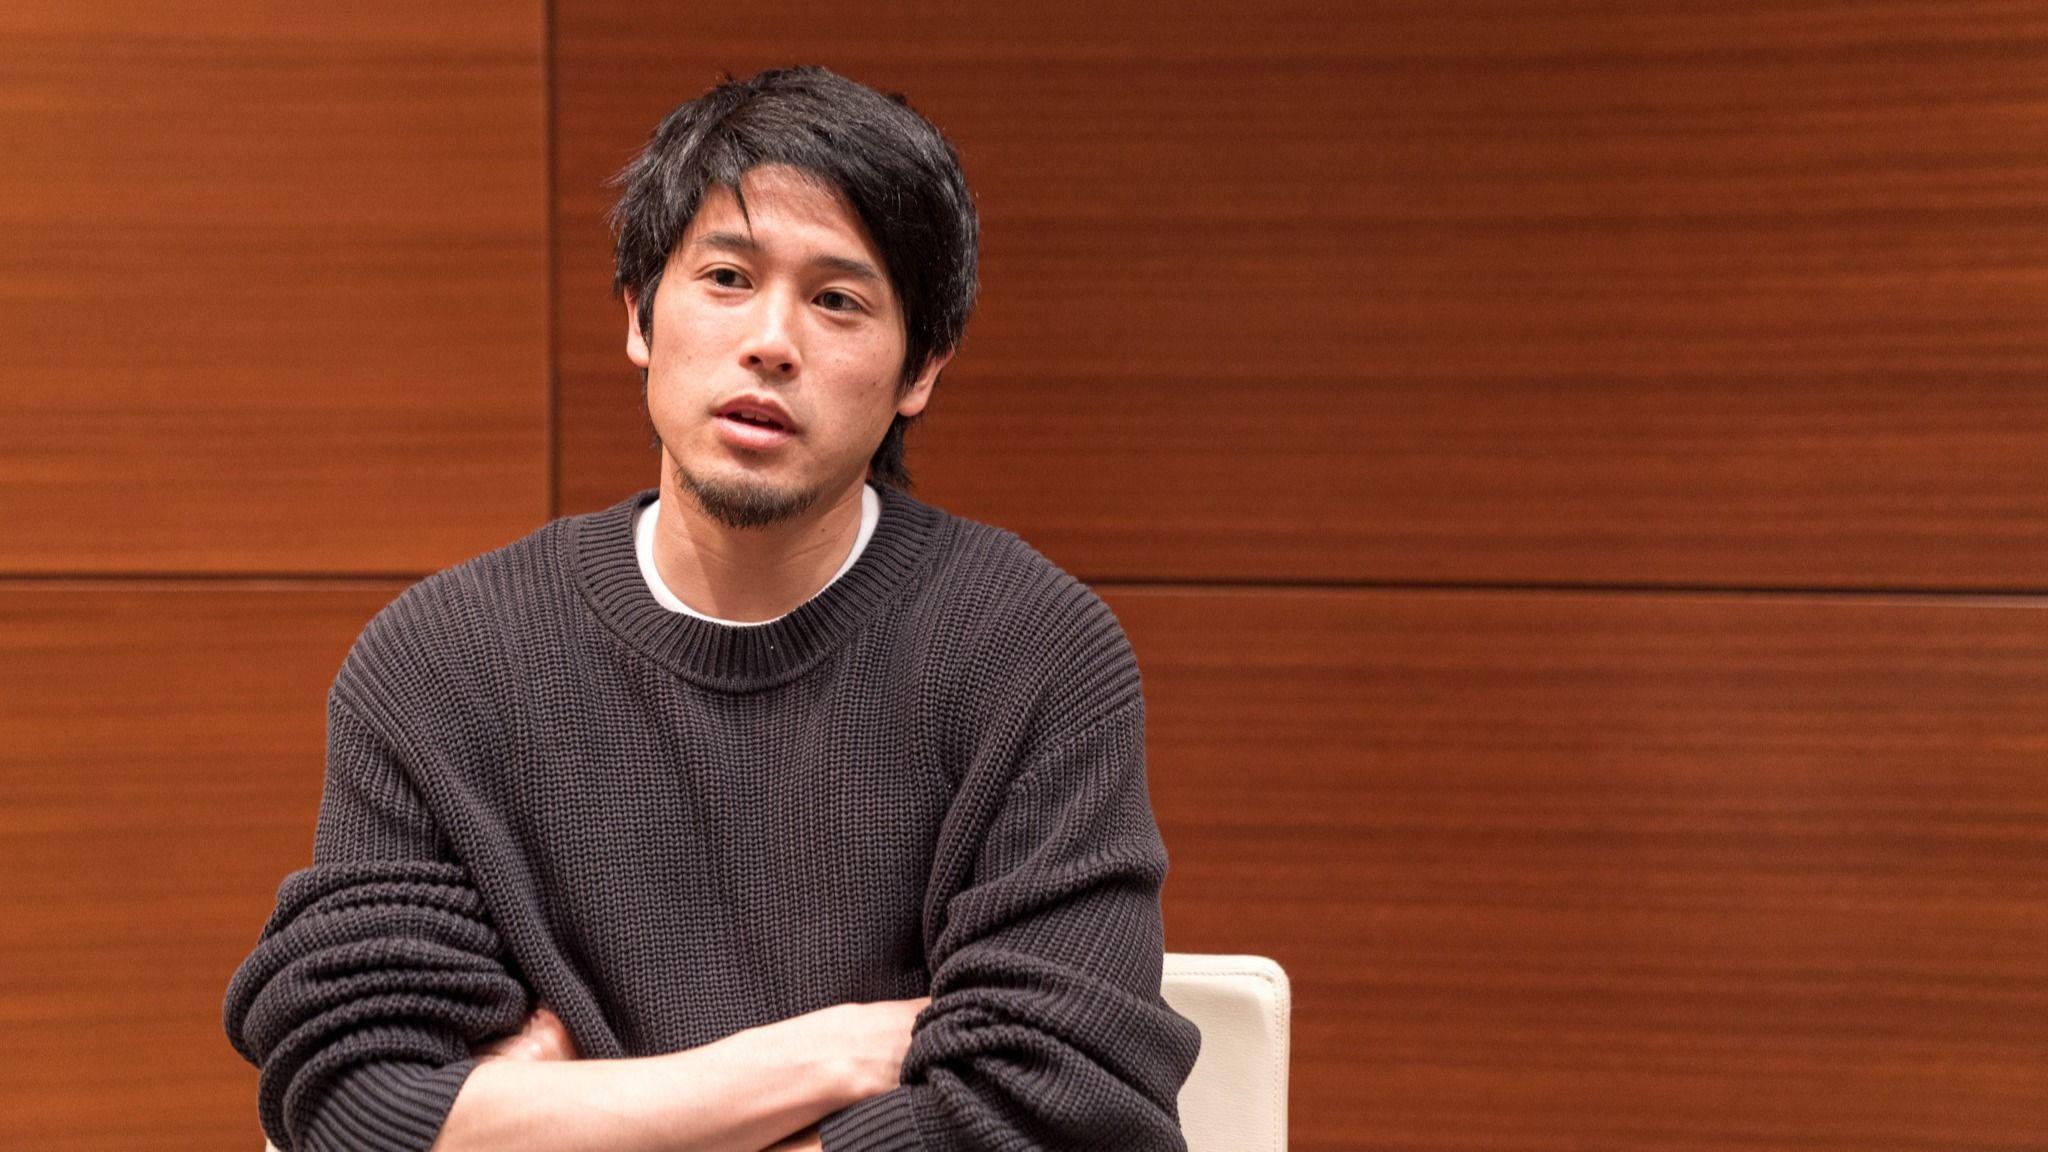 内田篤人がコロナ禍で提言 ヨーロッパがアジアに合わせれば